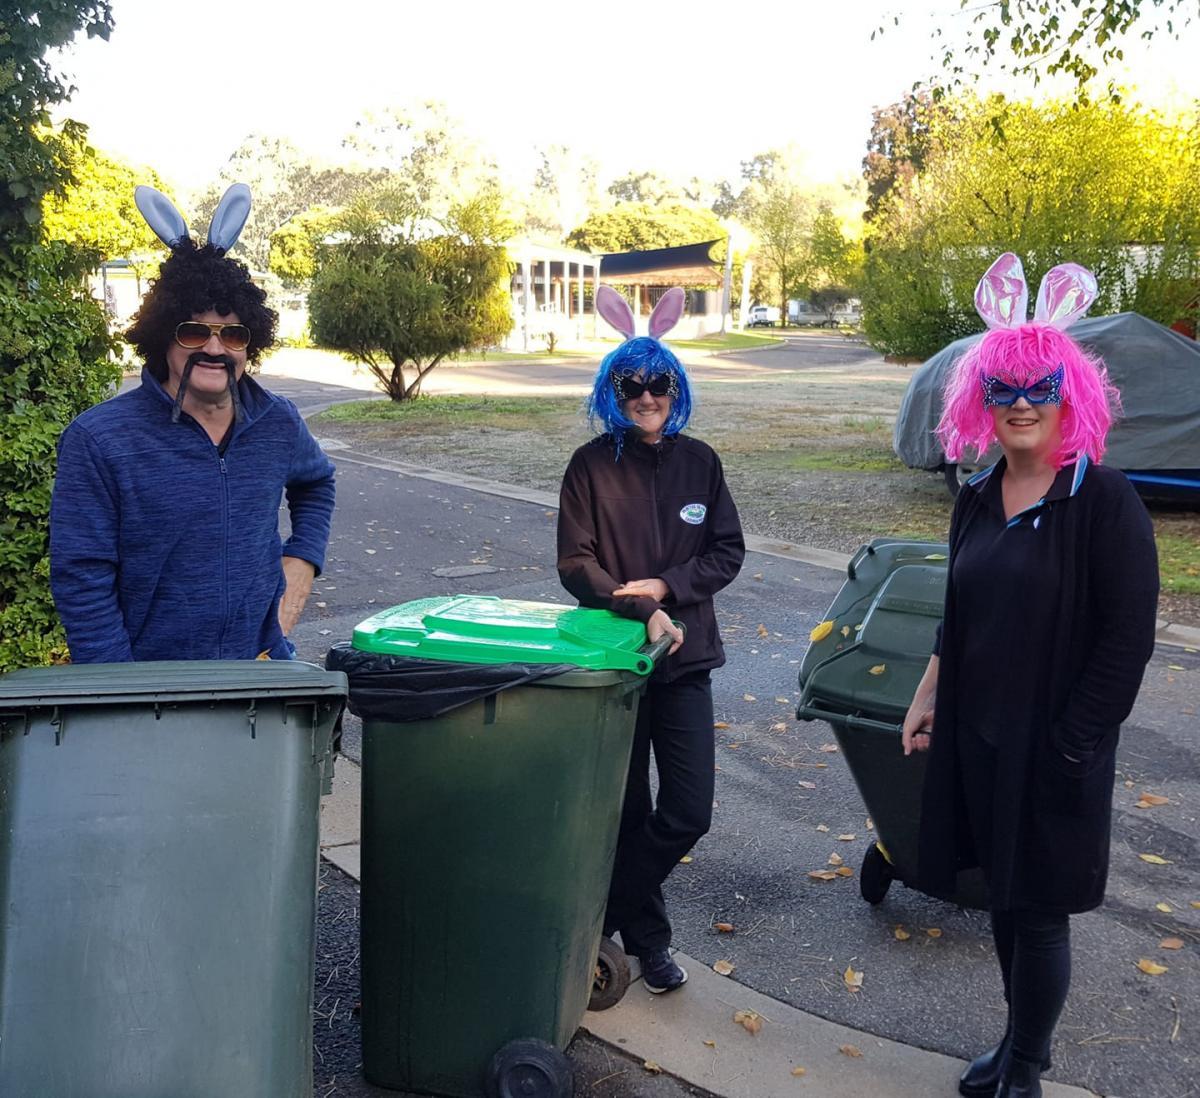 Австралійці виносять сміття в екстравагантному вбранні / Facebook.com